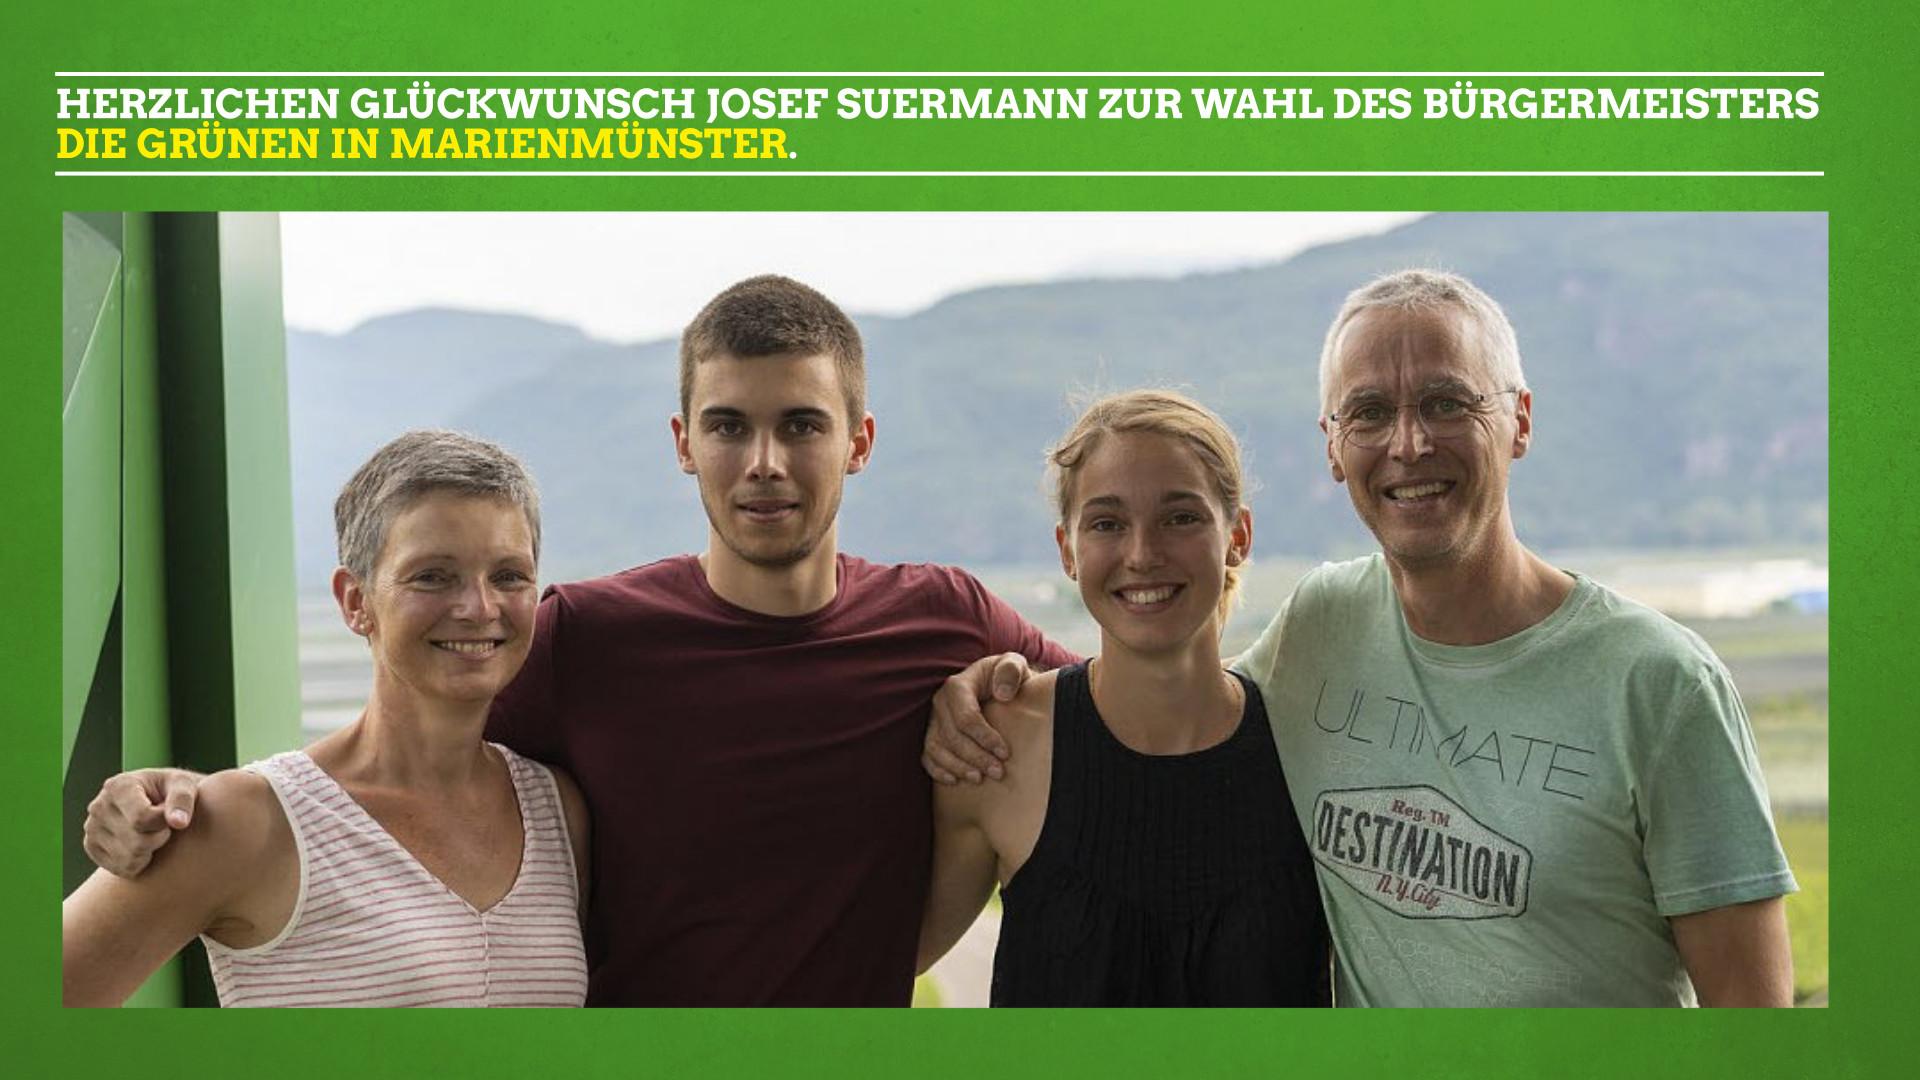 Herzlichen Glückwunsch Josef Suermann zur Wahl des Bürgermeisters